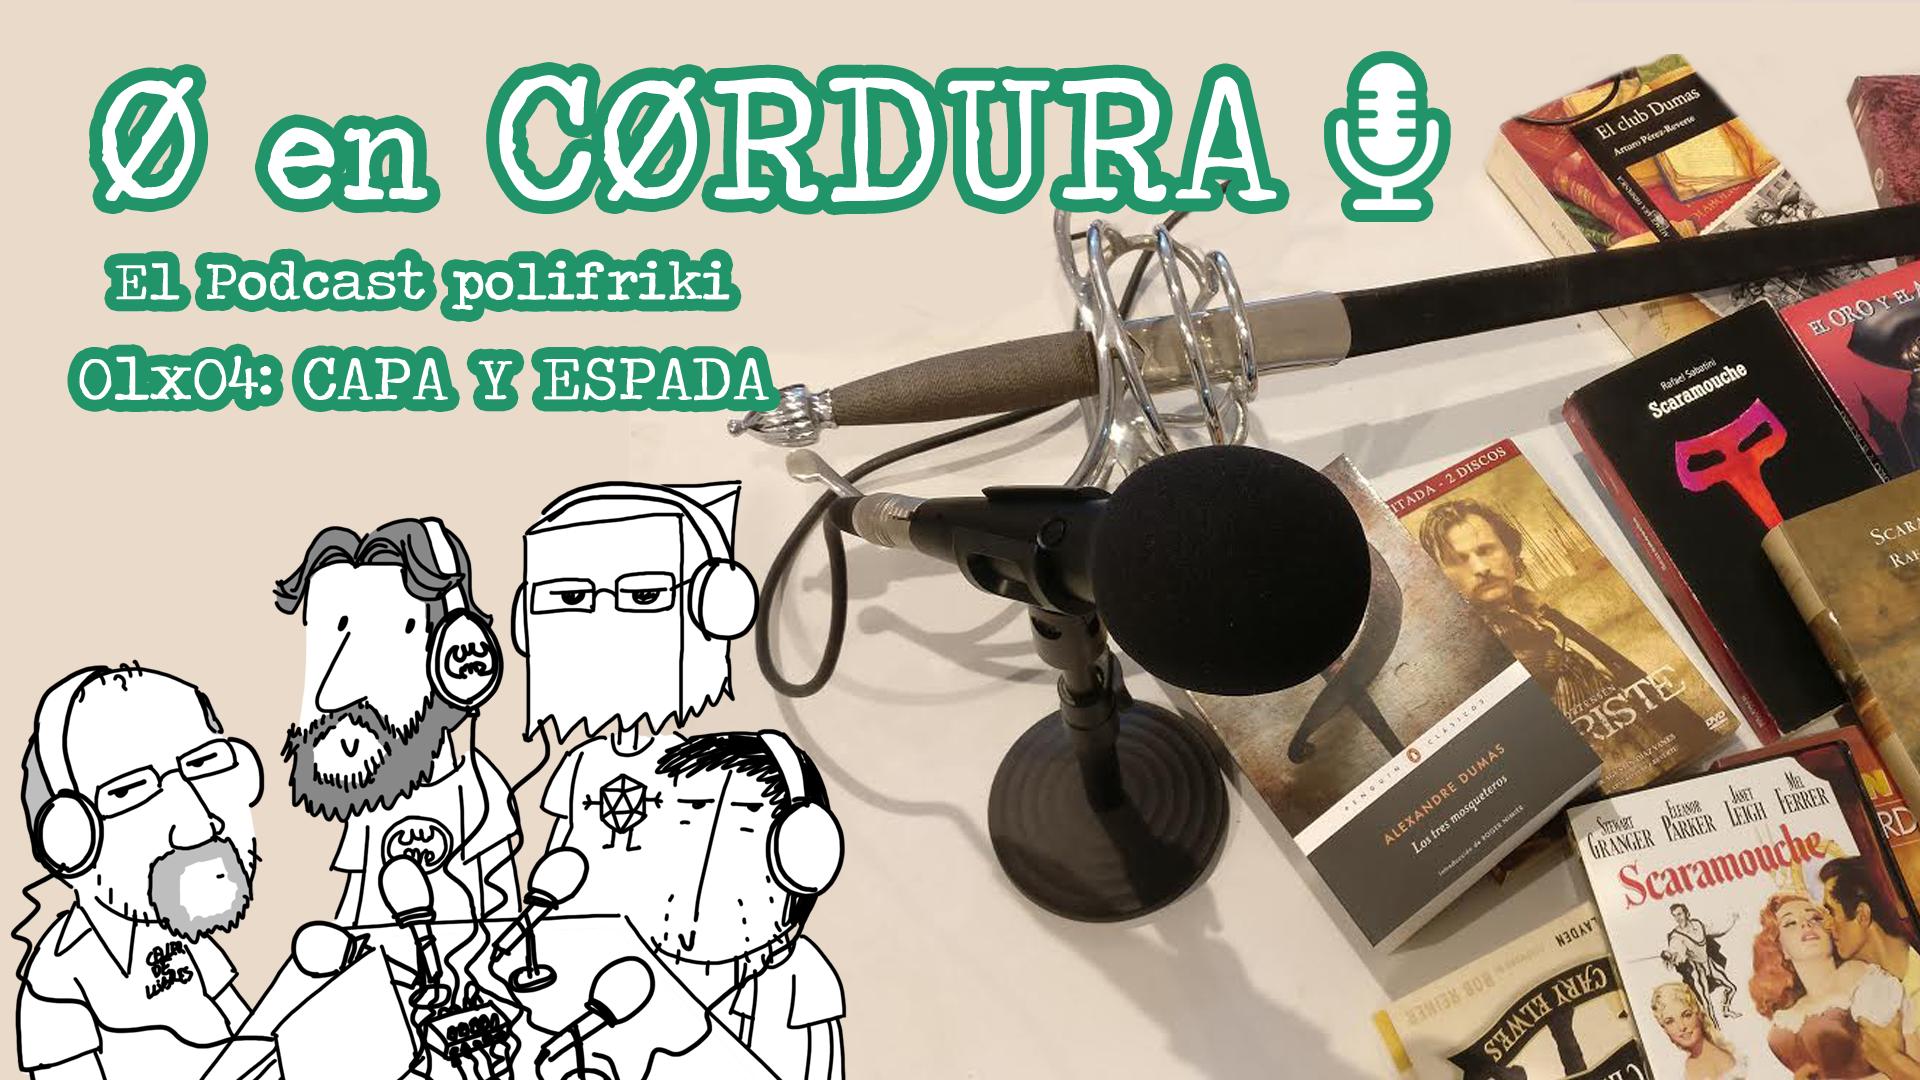 CERO EN CORDURA CAPA Y ESPADA